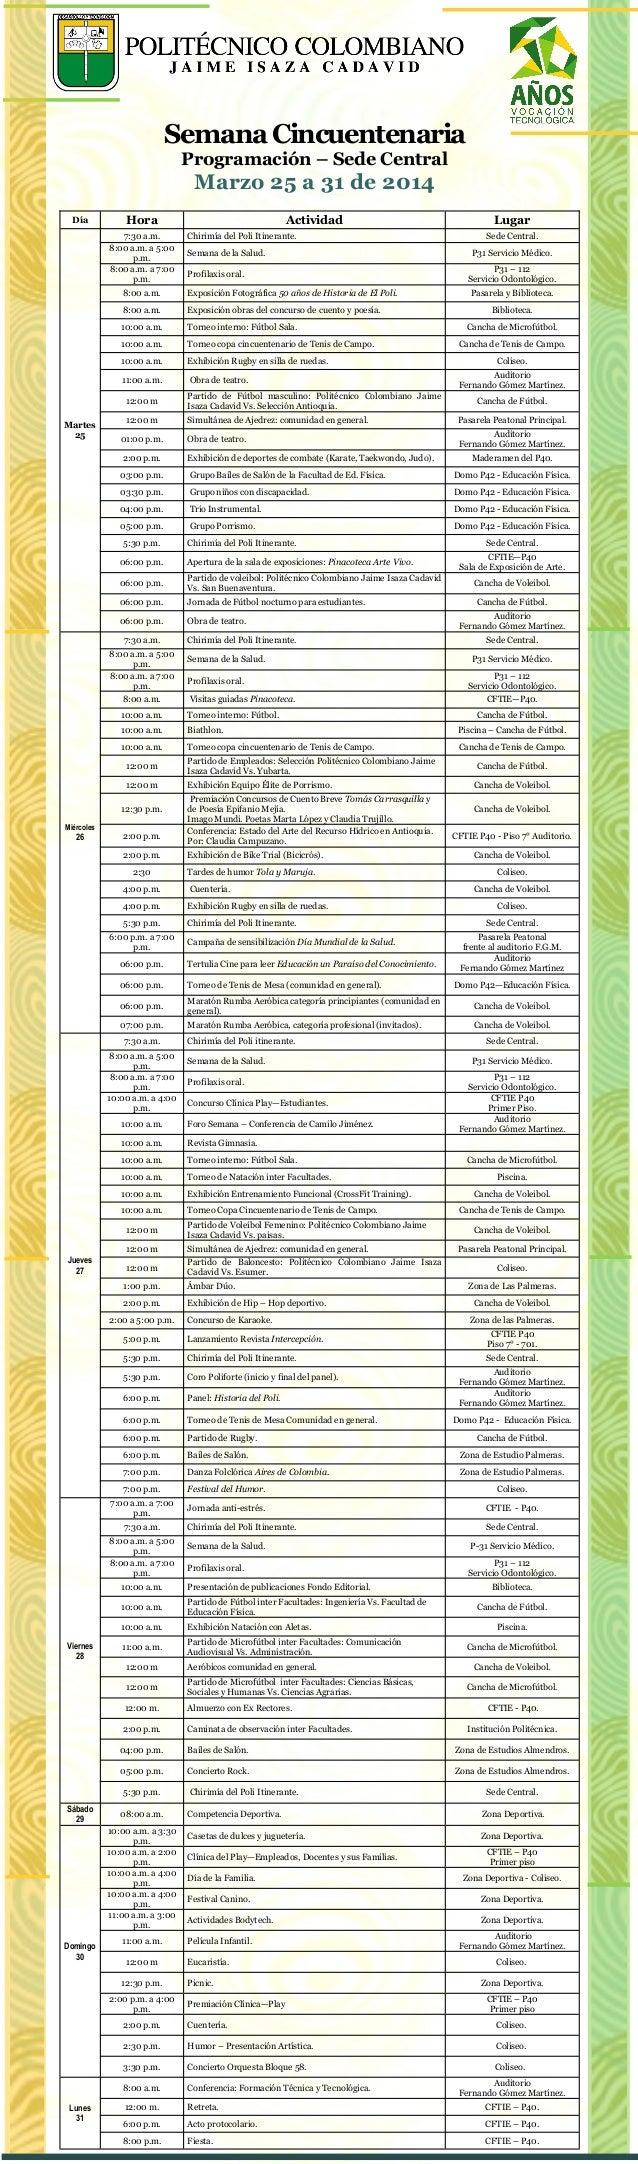 SemanaCincuentenaria Programación – Sede Central Marzo 25 a 31 de 2014 Día Hora Actividad Lugar Martes 25 7:30 a.m. Chirim...